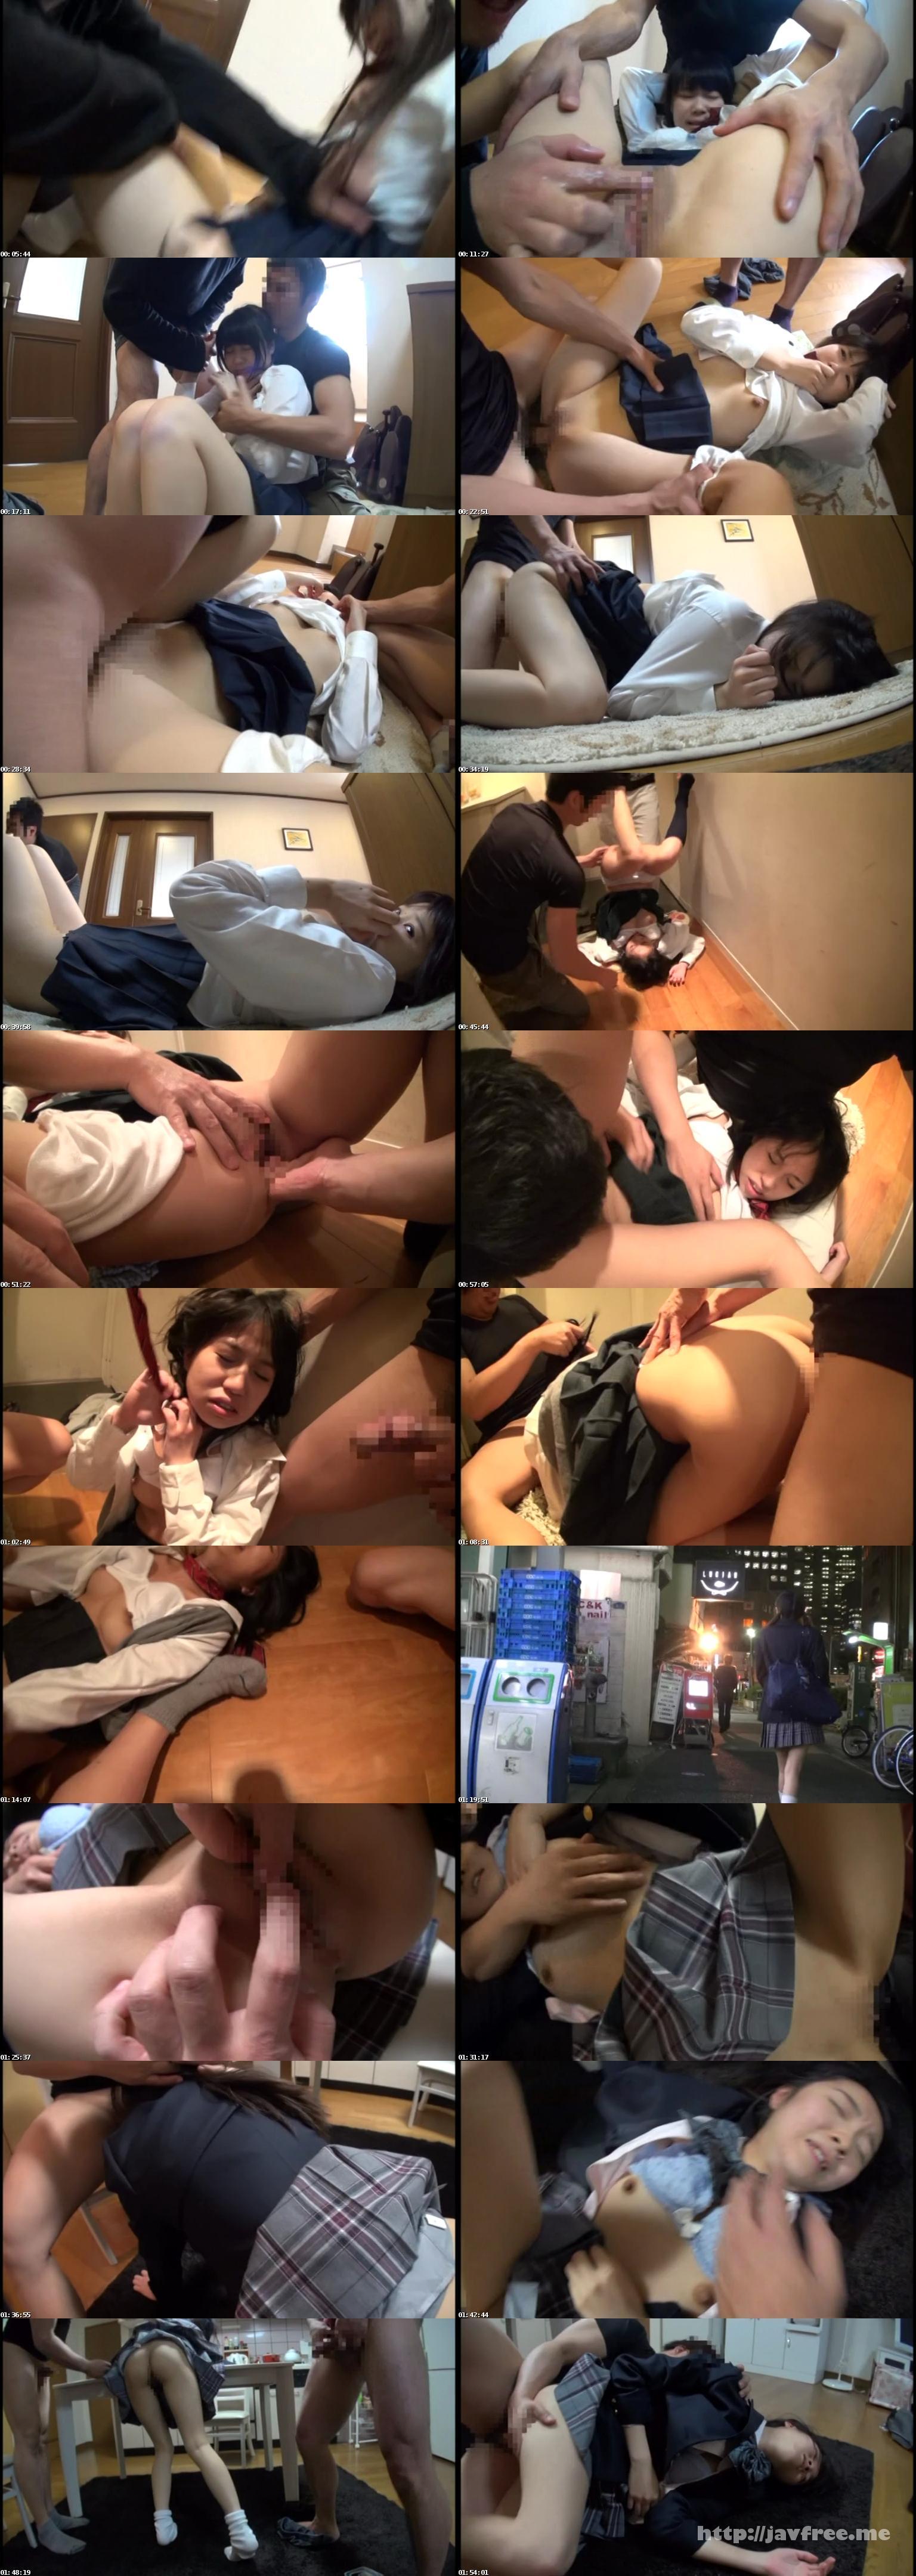 [AOZ 217Z] ストーキングの末自宅に押し込まれて犯される女子校生中出しレイプ AOZ